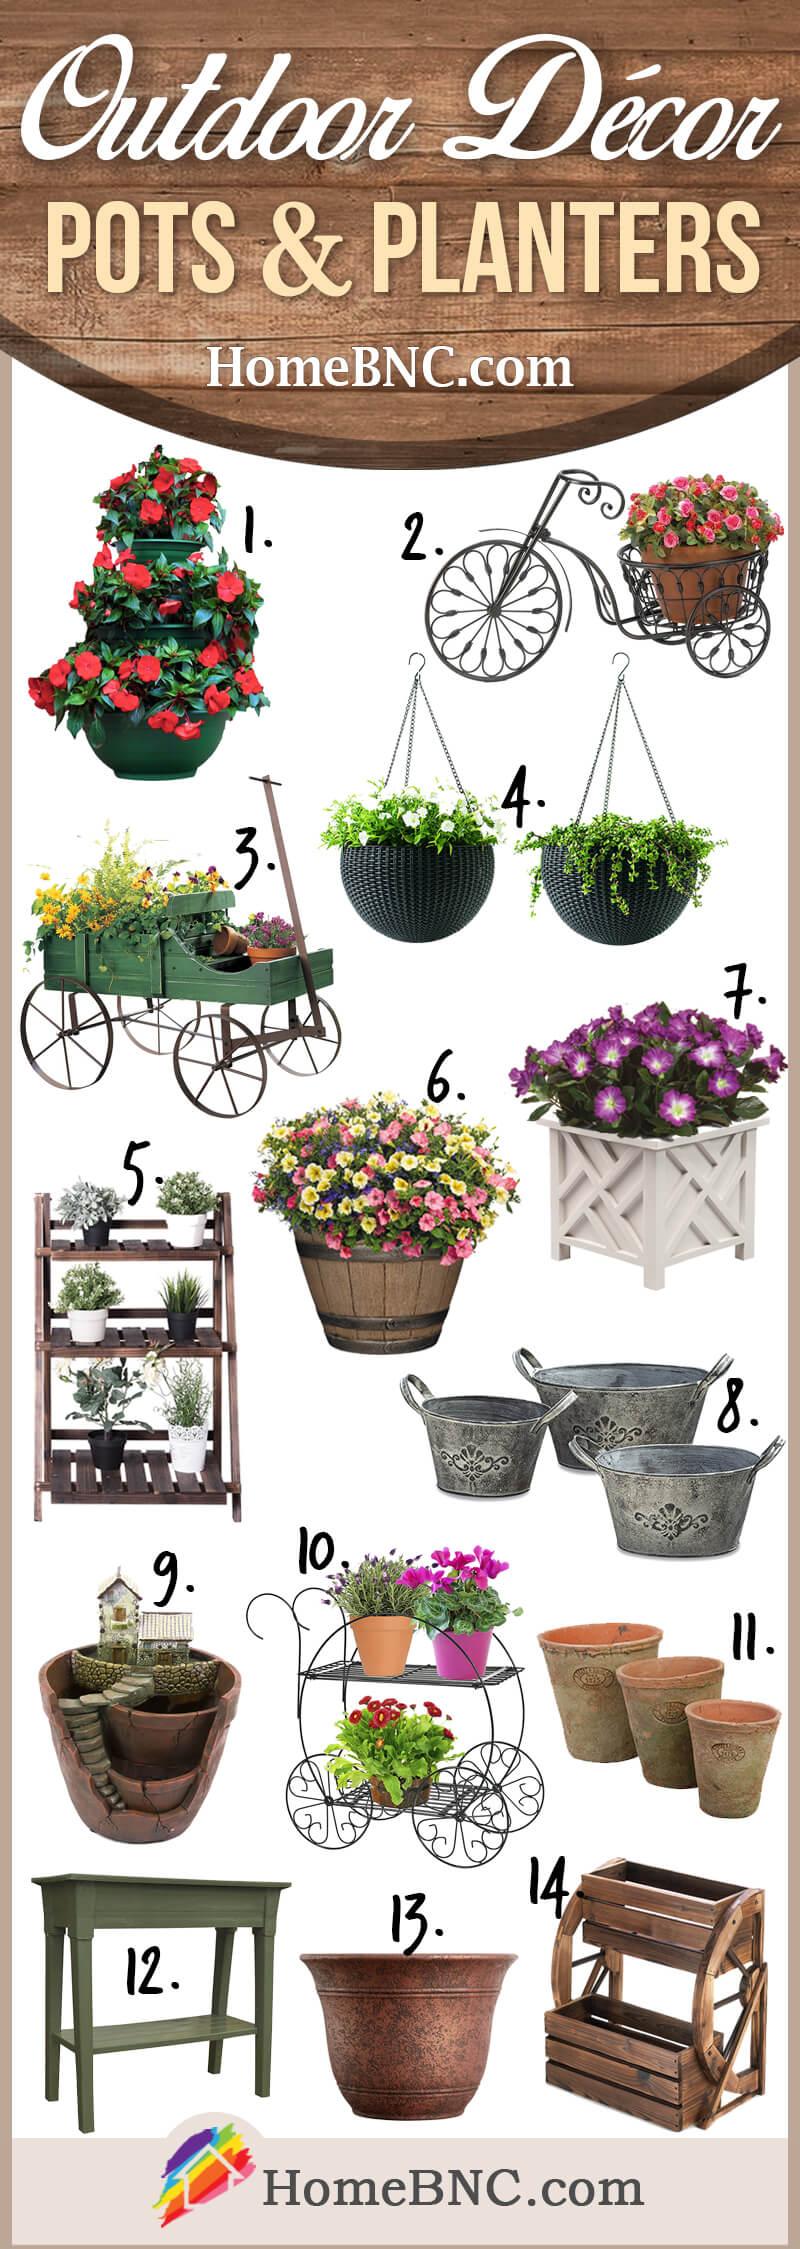 Idées de décoration extérieure pour pots et jardinières